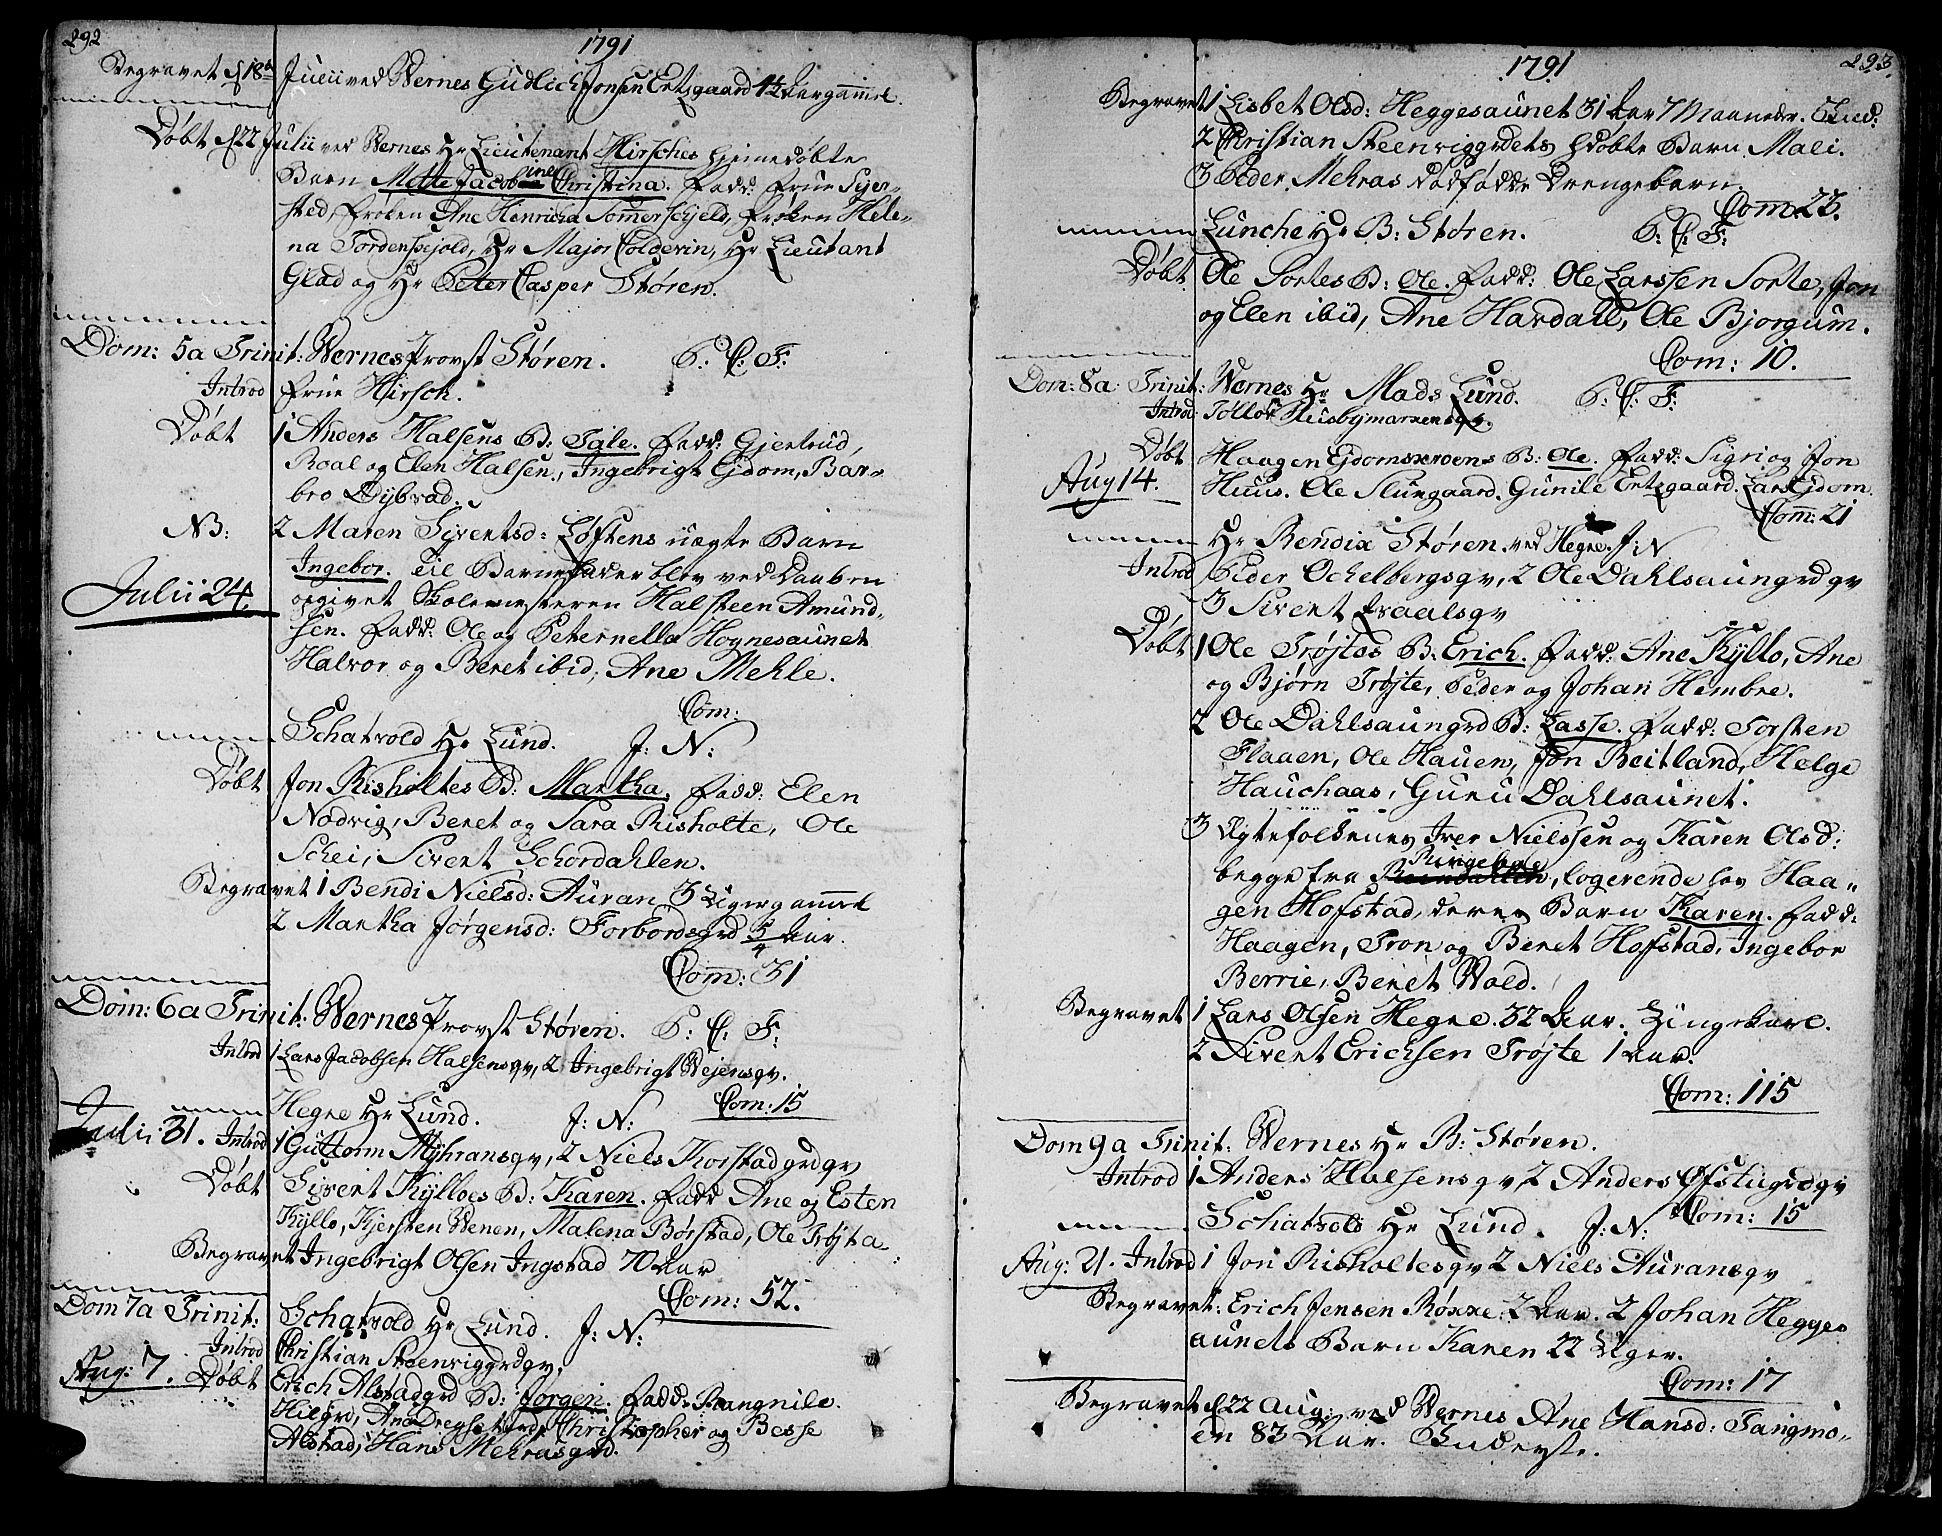 SAT, Ministerialprotokoller, klokkerbøker og fødselsregistre - Nord-Trøndelag, 709/L0059: Ministerialbok nr. 709A06, 1781-1797, s. 292-293